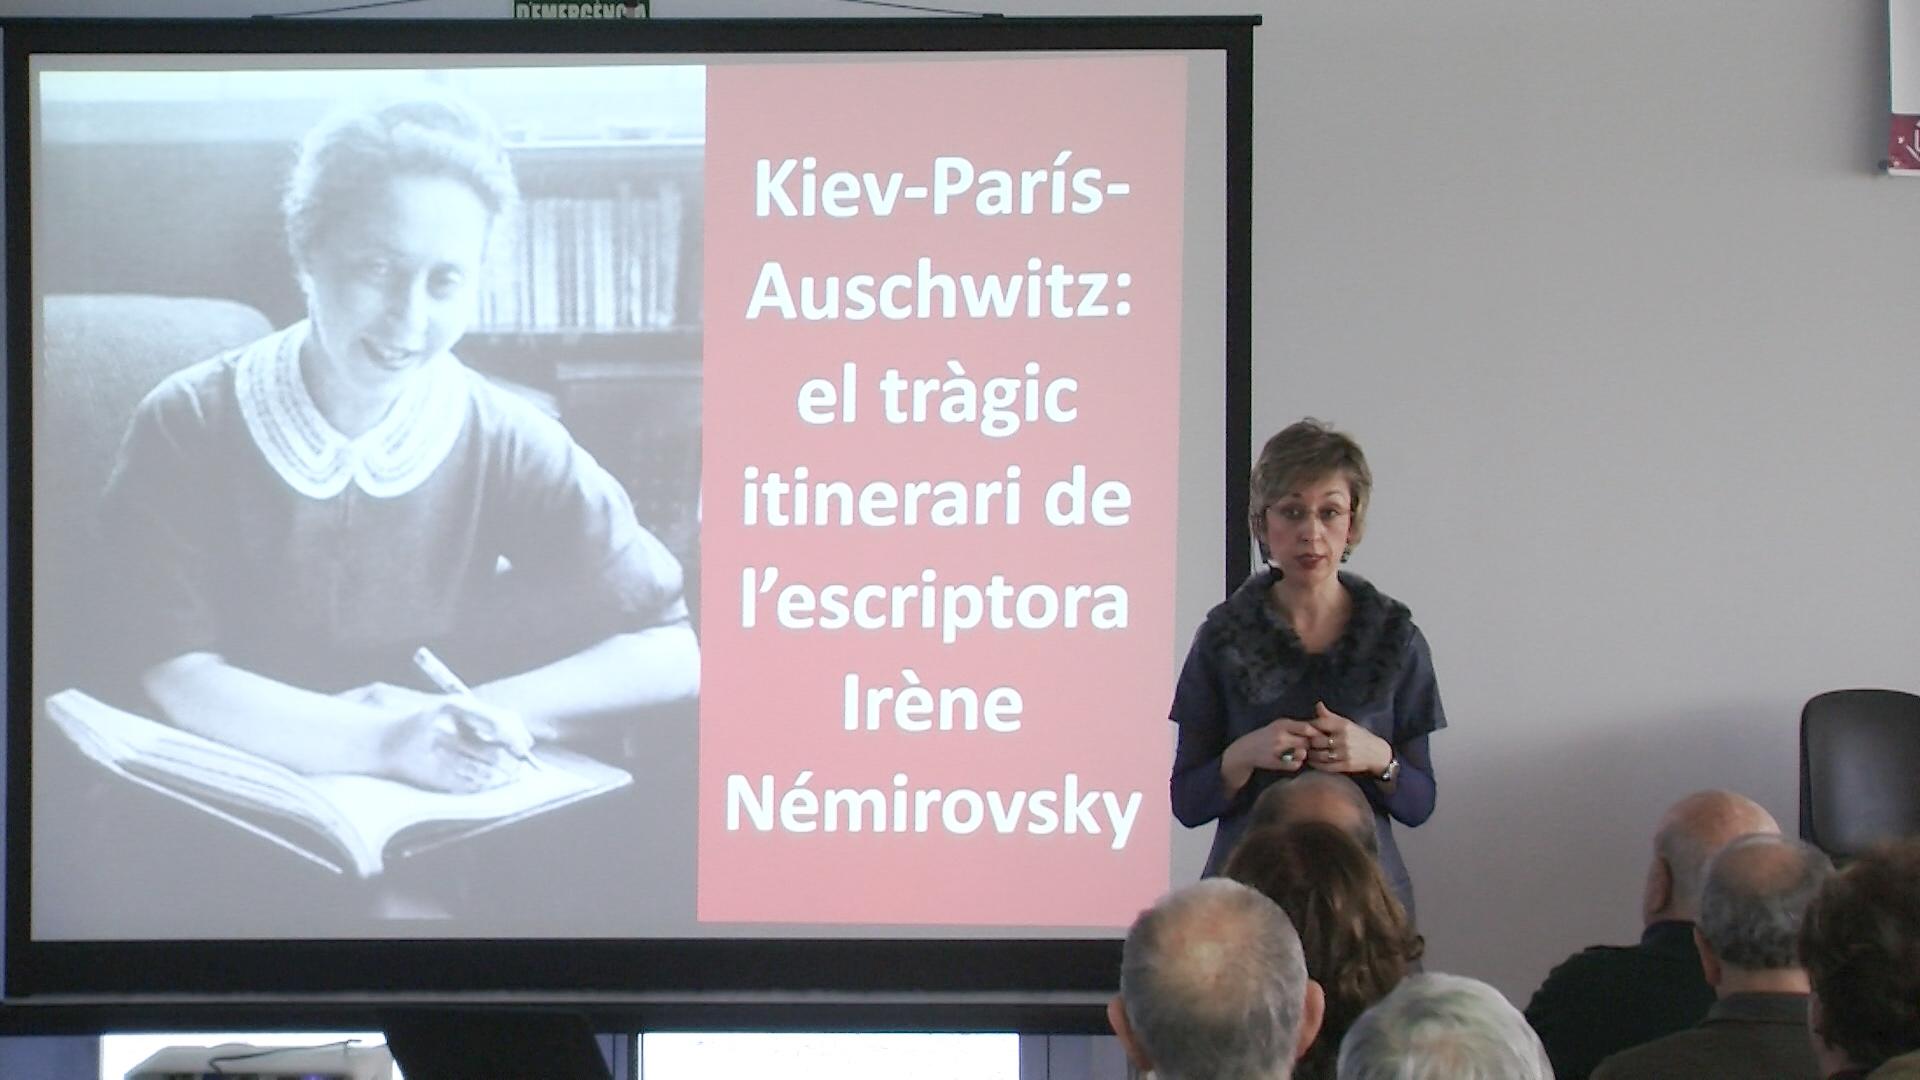 Kiev-Paris-Auschwitz.00_01_34_16.Imagen fija001